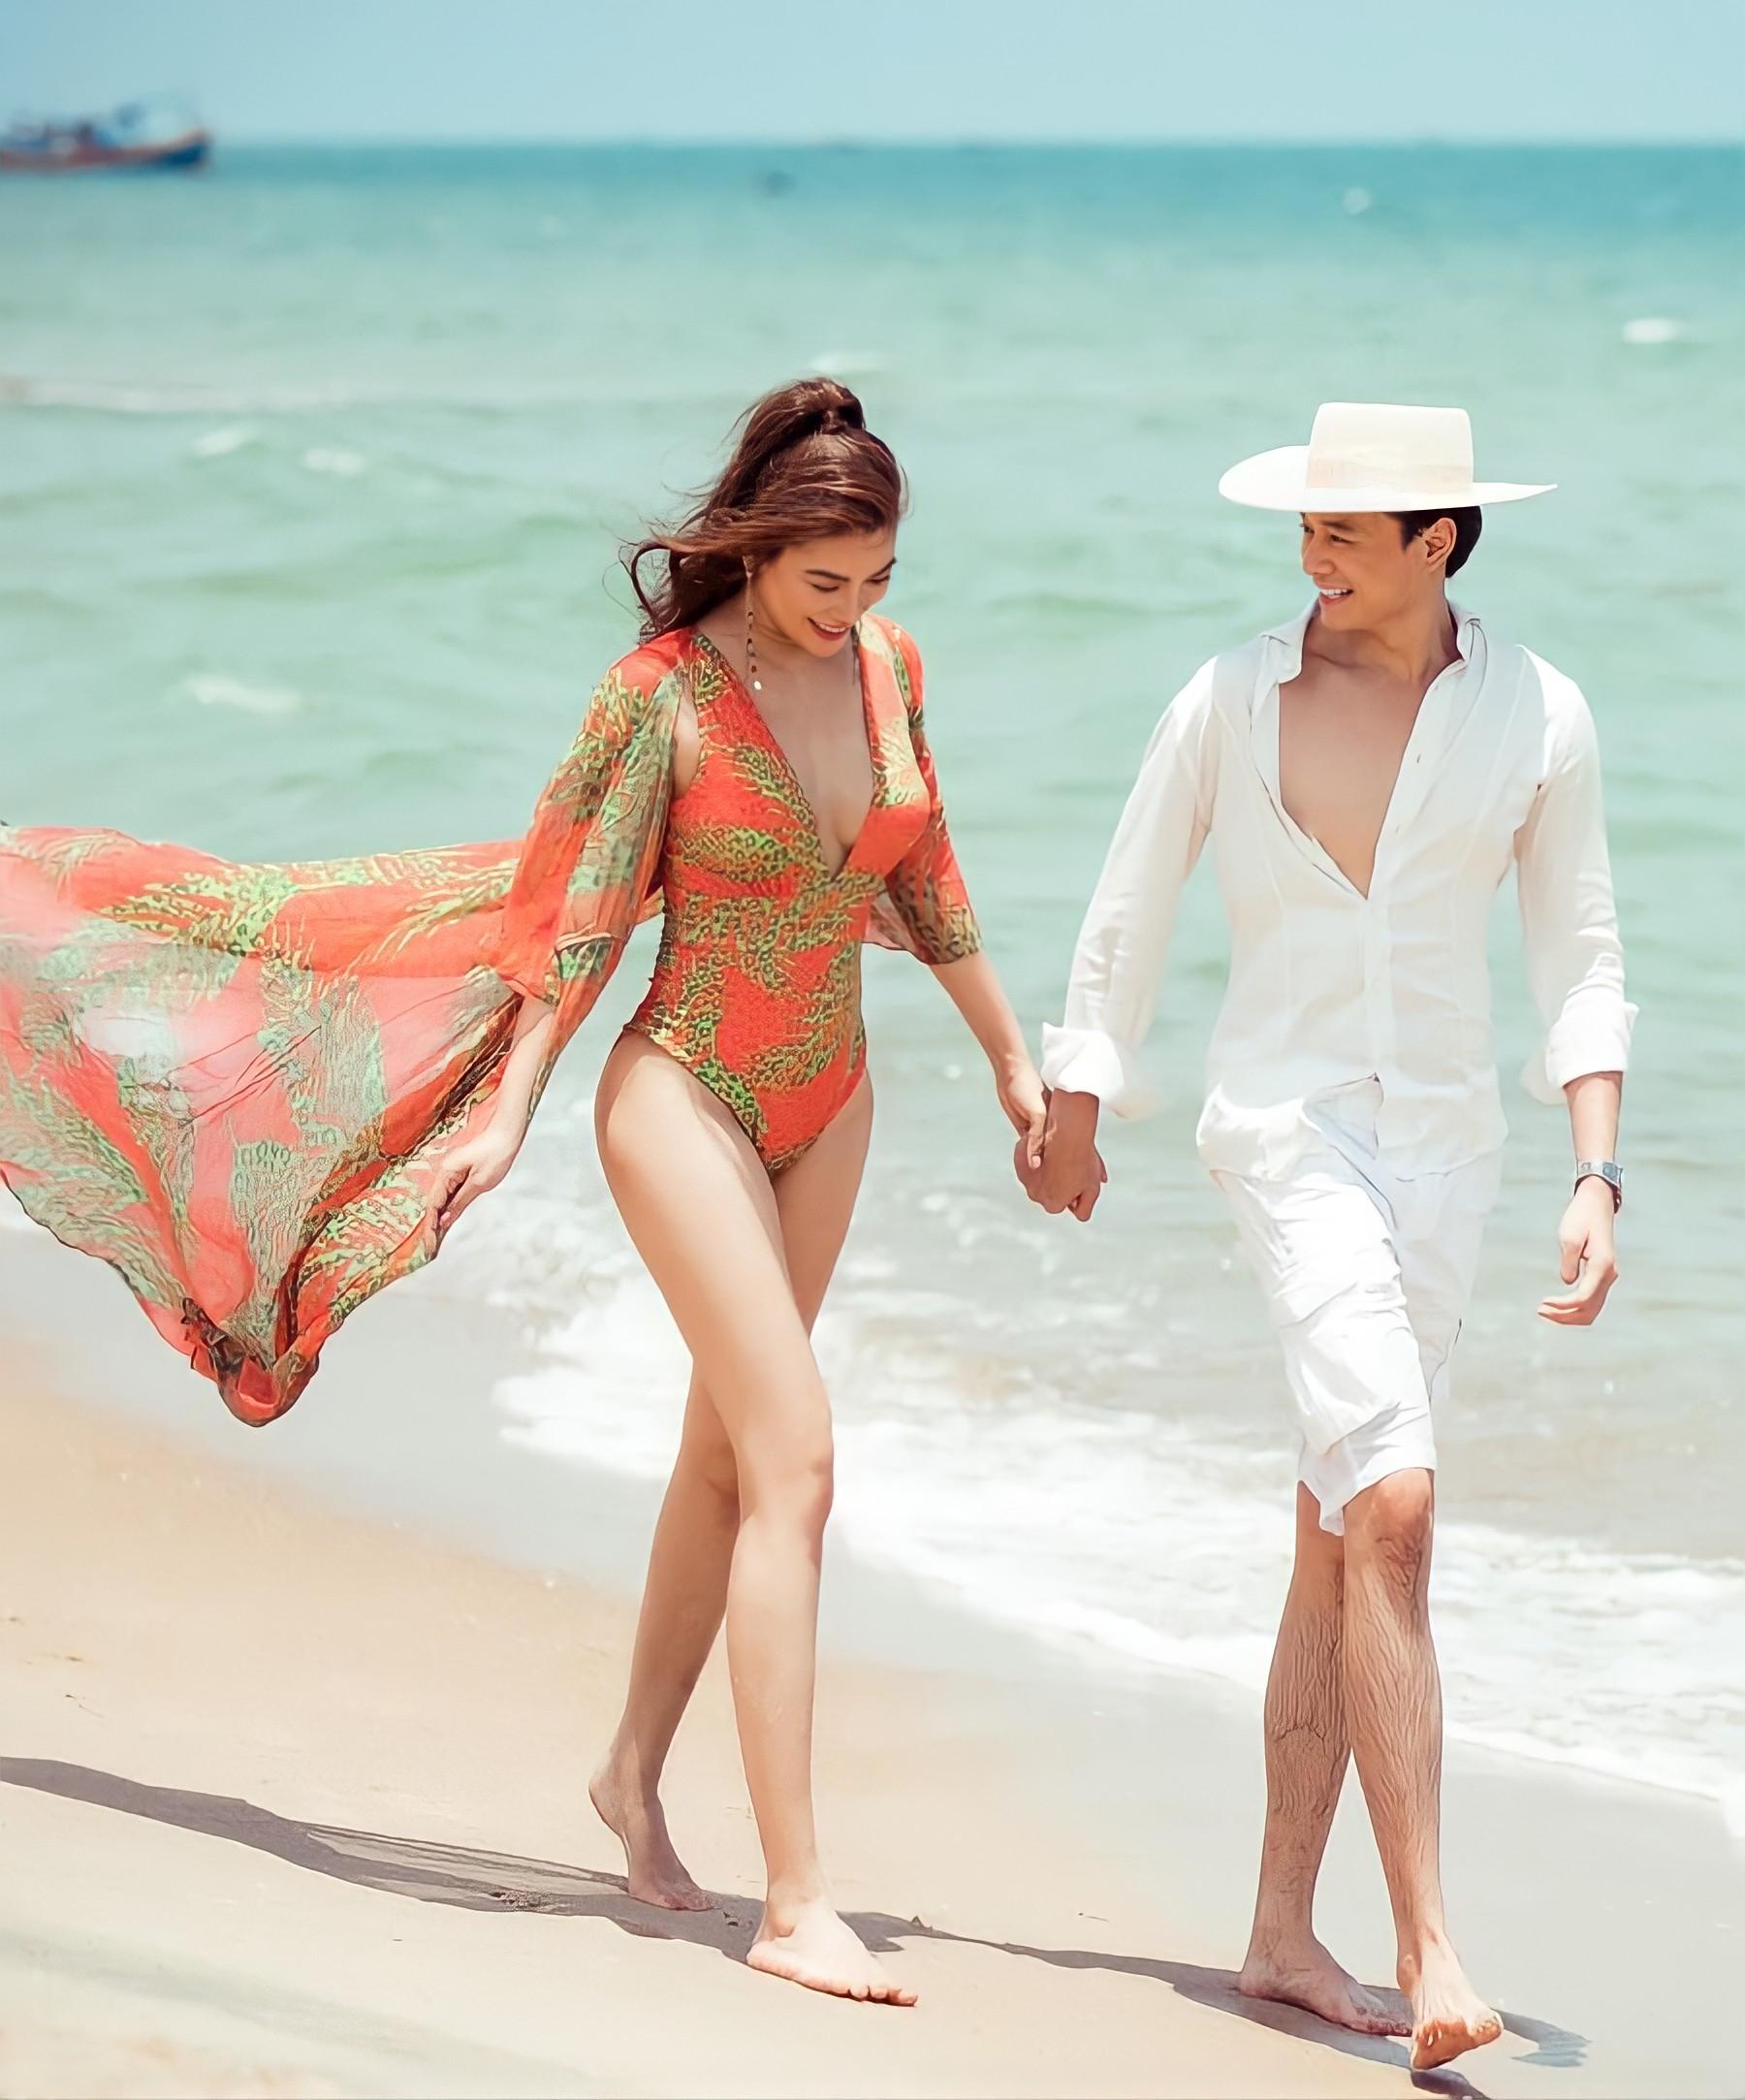 Trong bức ảnh đăng trên trang cá nhân diễn viên Anh Dũng ngày 30/4, Trương Ngọc Ánh mặc áo tắm xẻ cao, sánh đôi bạn trai. Lần đầu tiên công khai tình cảm sau khoảng hai năm quen nhau Ảnh: Facebook Nguyễn Anh Dũng.